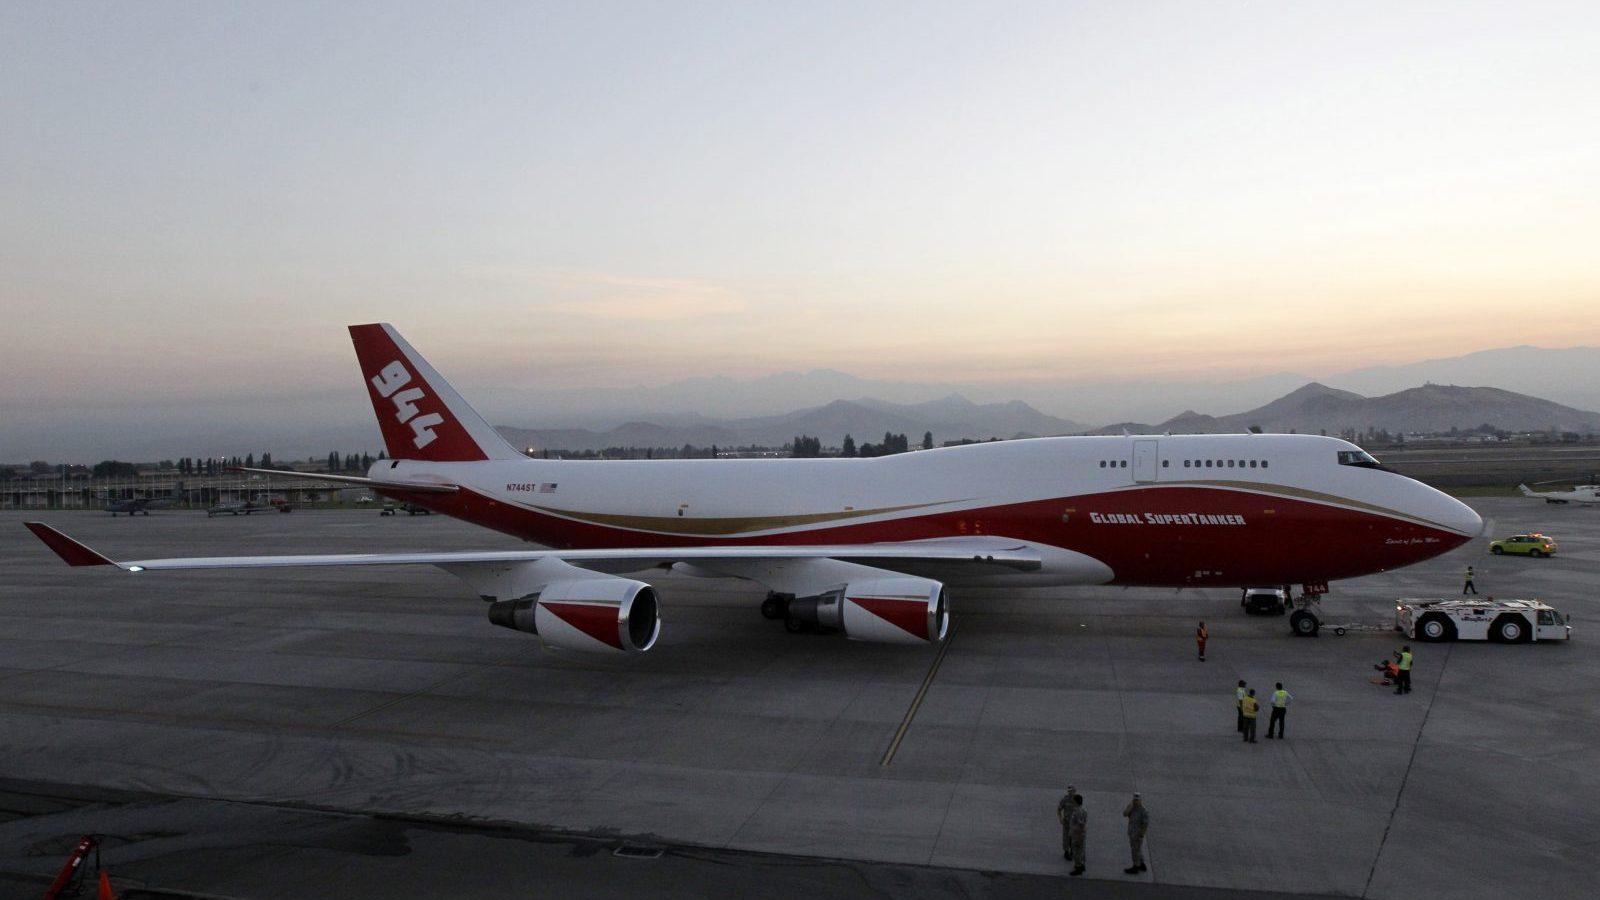 25 de Enero de 2017/SANTIAGO A las 6:13 horas de esta mañana llego el avión Boeing 747-400 Supertanker a la Base Aérea Pudahuel, de la FACh. Esto luego que el Gobierno autorizara la demostración de combate a incendios forestales por parte de la aeronave. FOTO:CRISTOBAL ESCOBAR/AGENCIAUNO